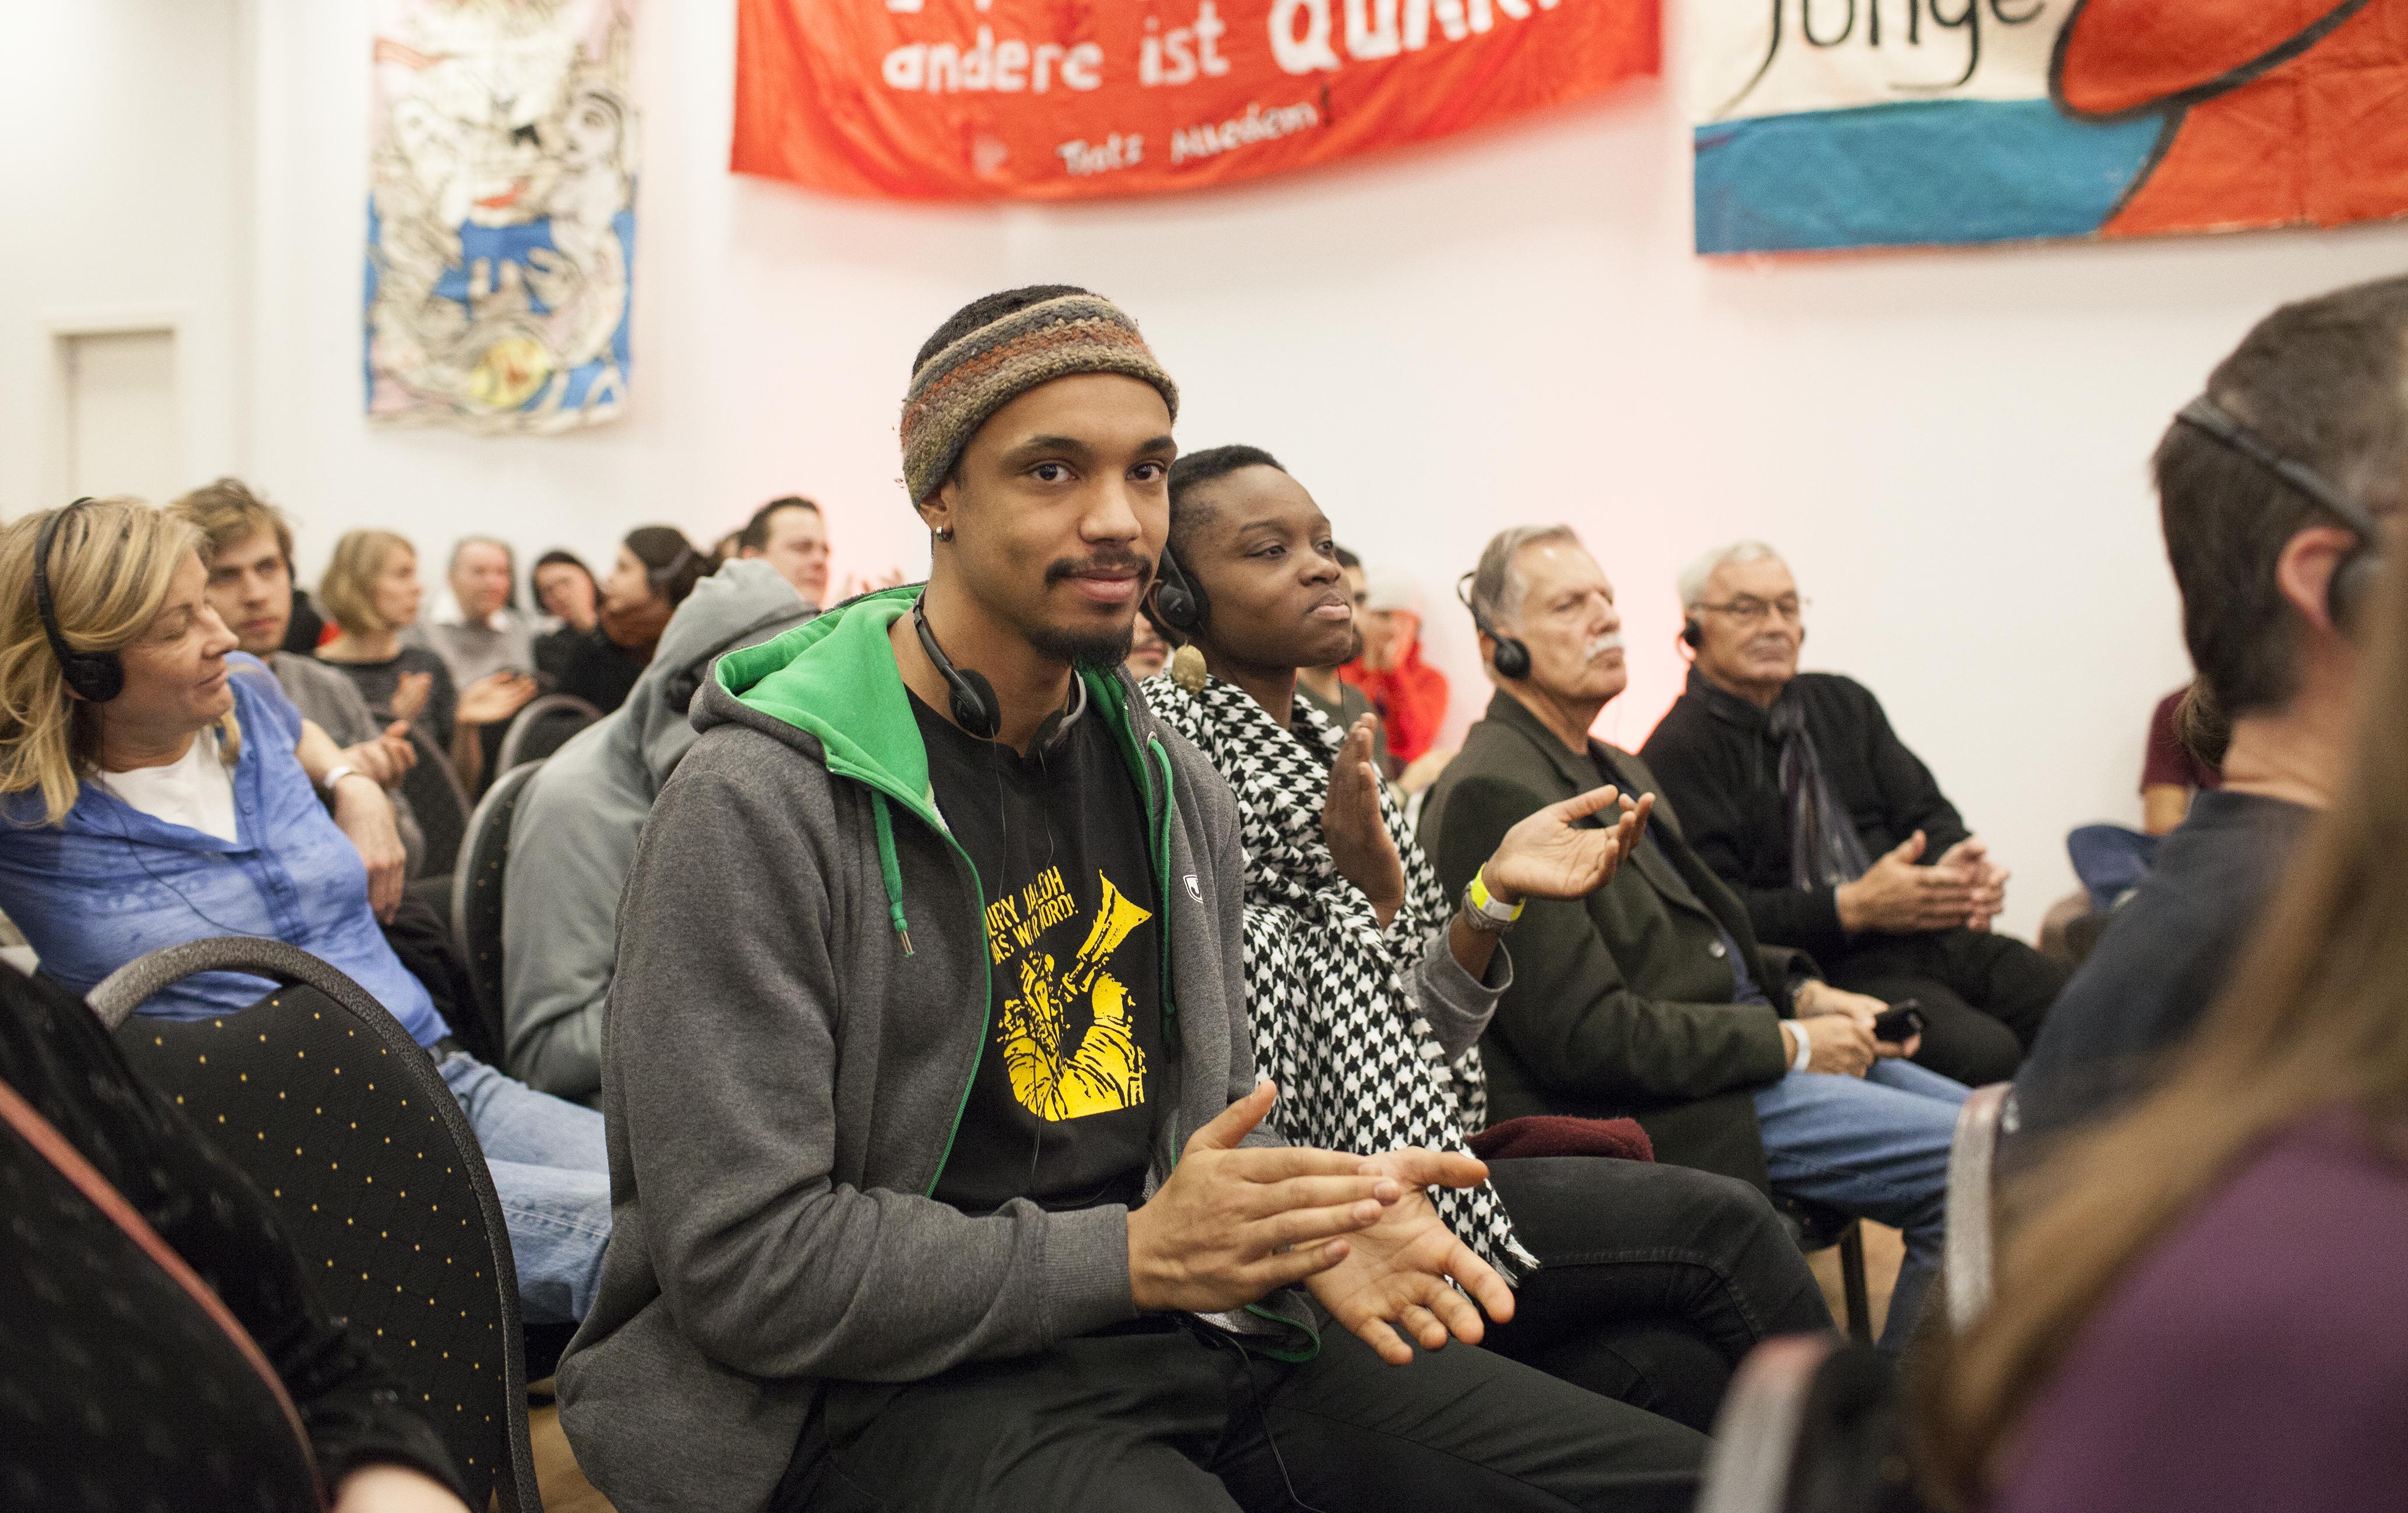 Ein Besucher auf der Rosa Luxemburg Konferenz zeigt seine Solidarität mit der Kampagne für Oury Jalloh. Foto: junge Welt